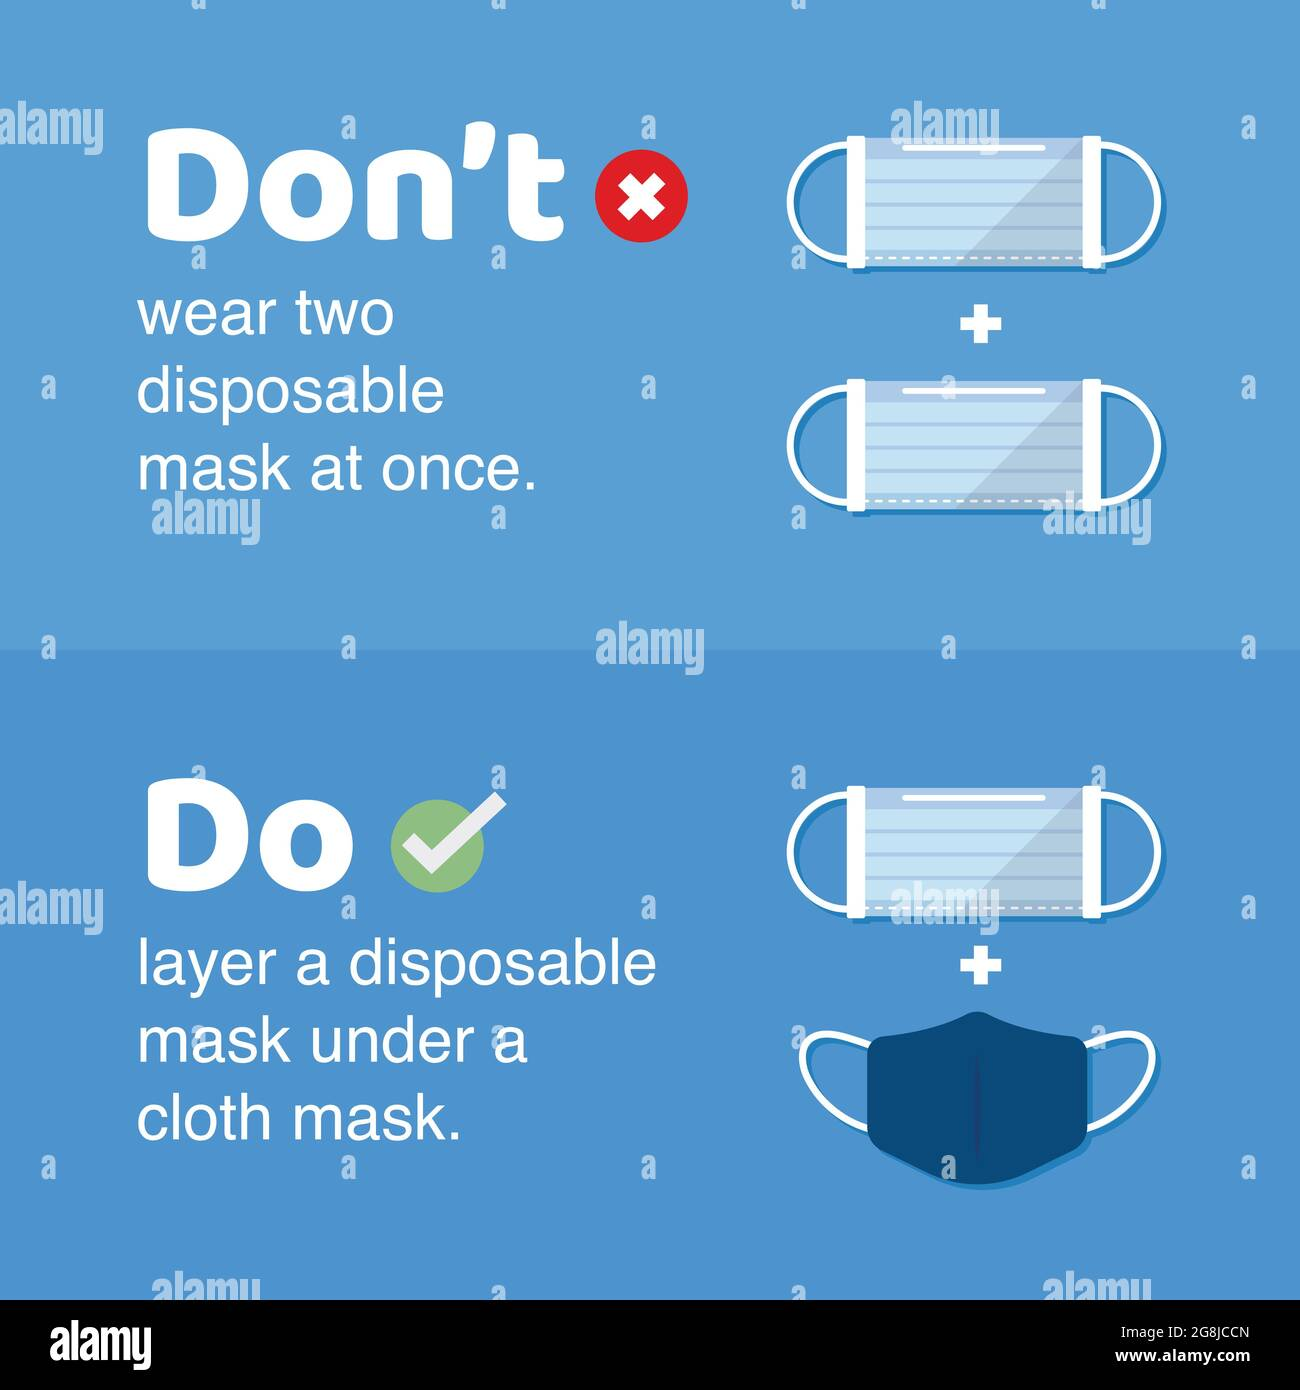 Fare e non come indossare maschera a doppio strato. Illustrazione vettoriale di stile piatto Illustrazione Vettoriale